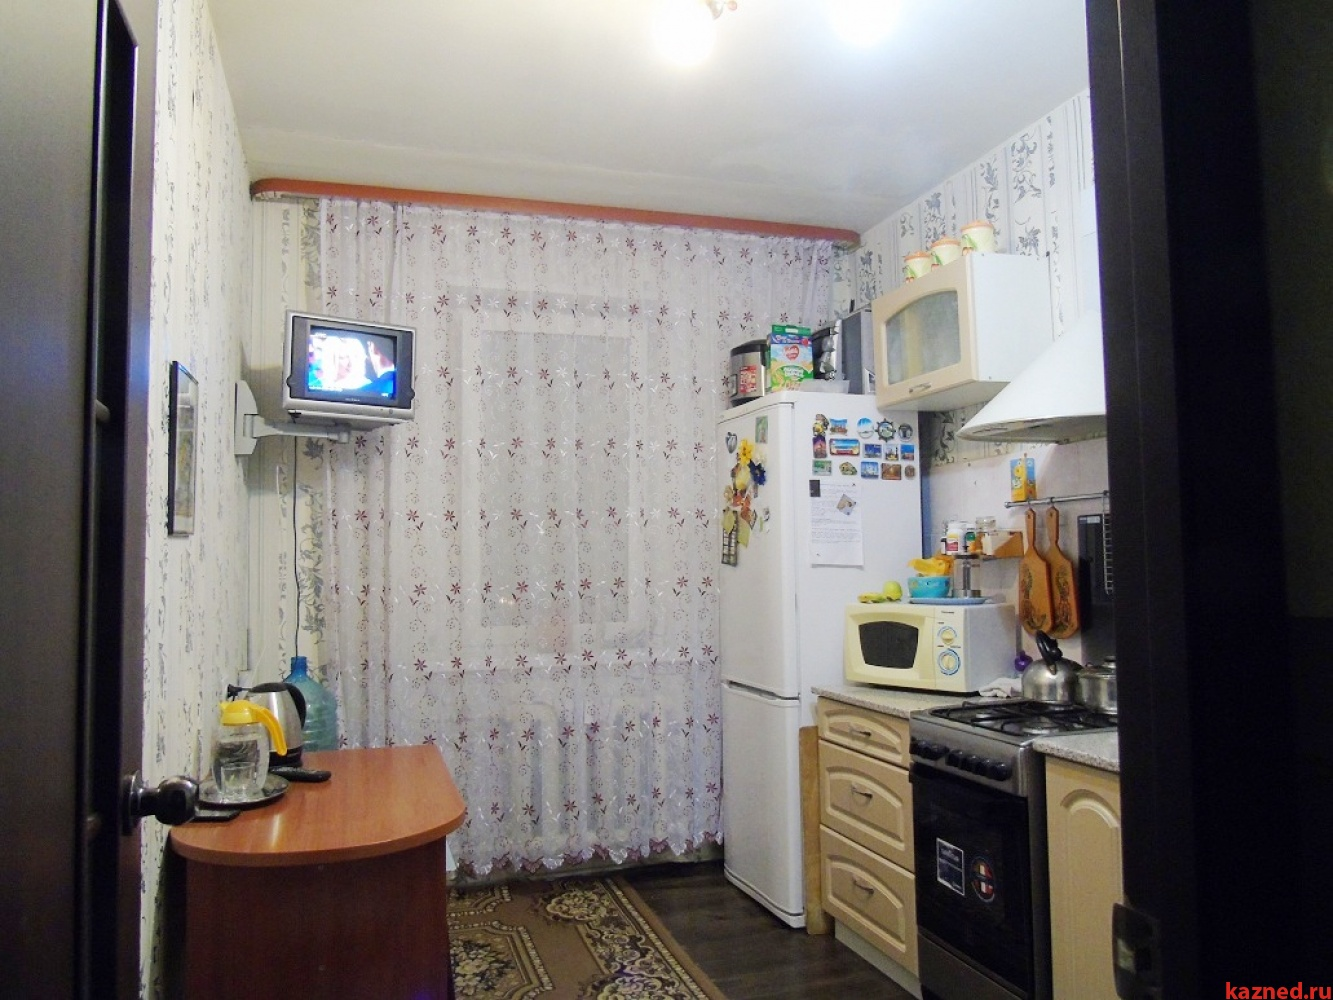 Продажа 2-к квартиры Амирхана, 83, 52 м² (миниатюра №1)